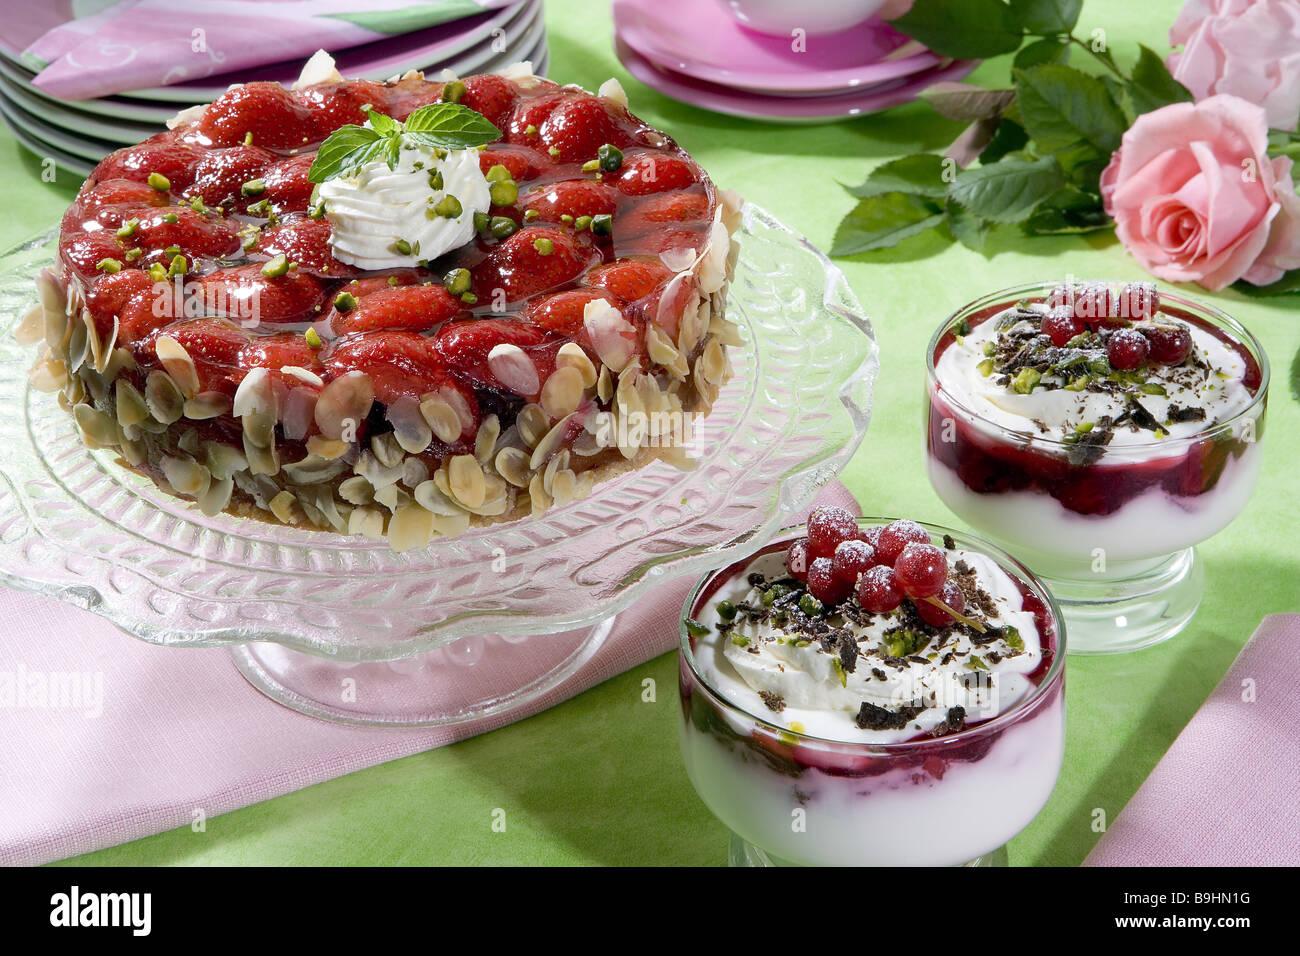 Erdbeer Torte Quark Creme Rote Brei Essen Stillleben Kuchen Kuchen